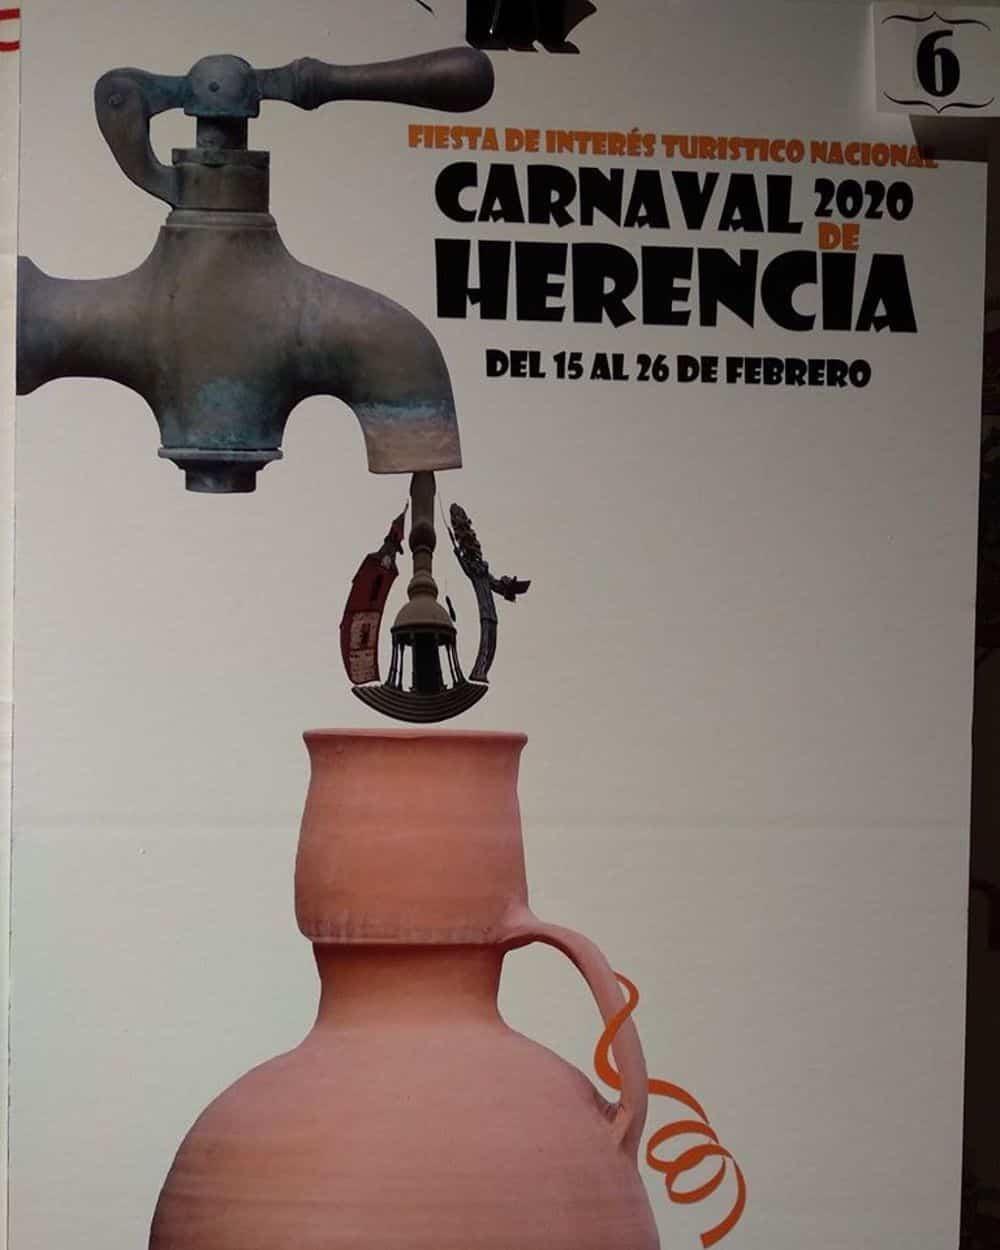 carteles carnaval 2020 herencia 7 - Conoce los carteles de Carnaval de Herencia 2020, ¿cuál te gusta más?